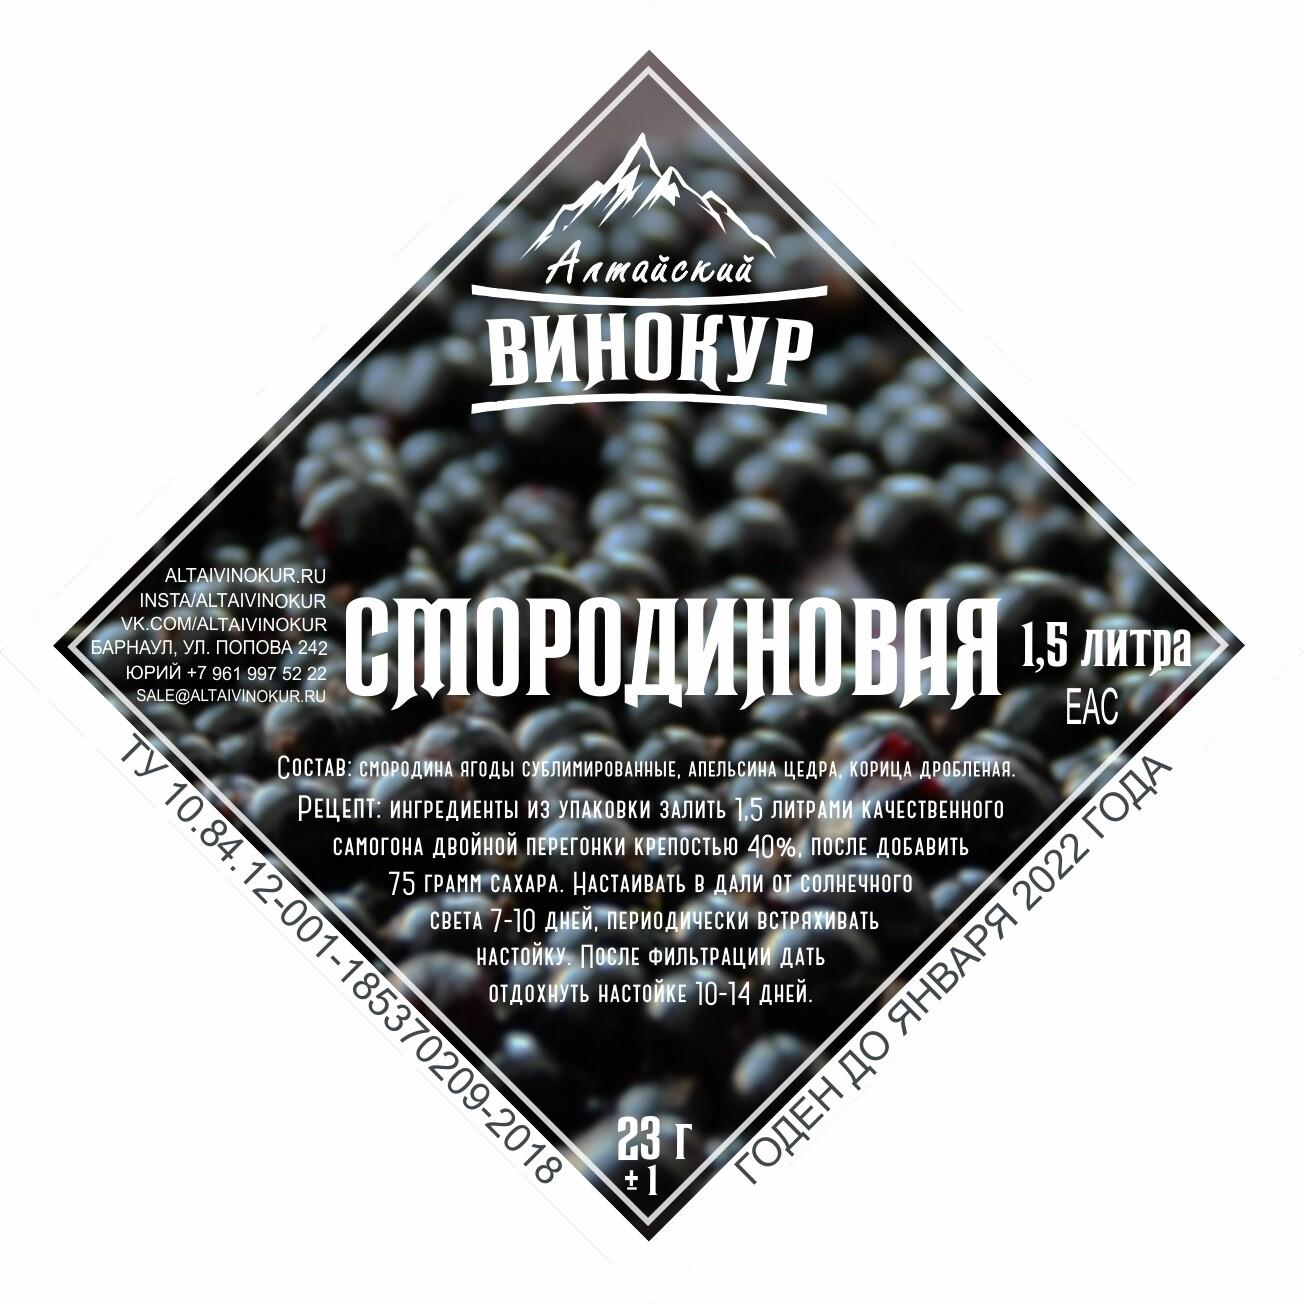 Смородиновая | Набор трав и пряностей